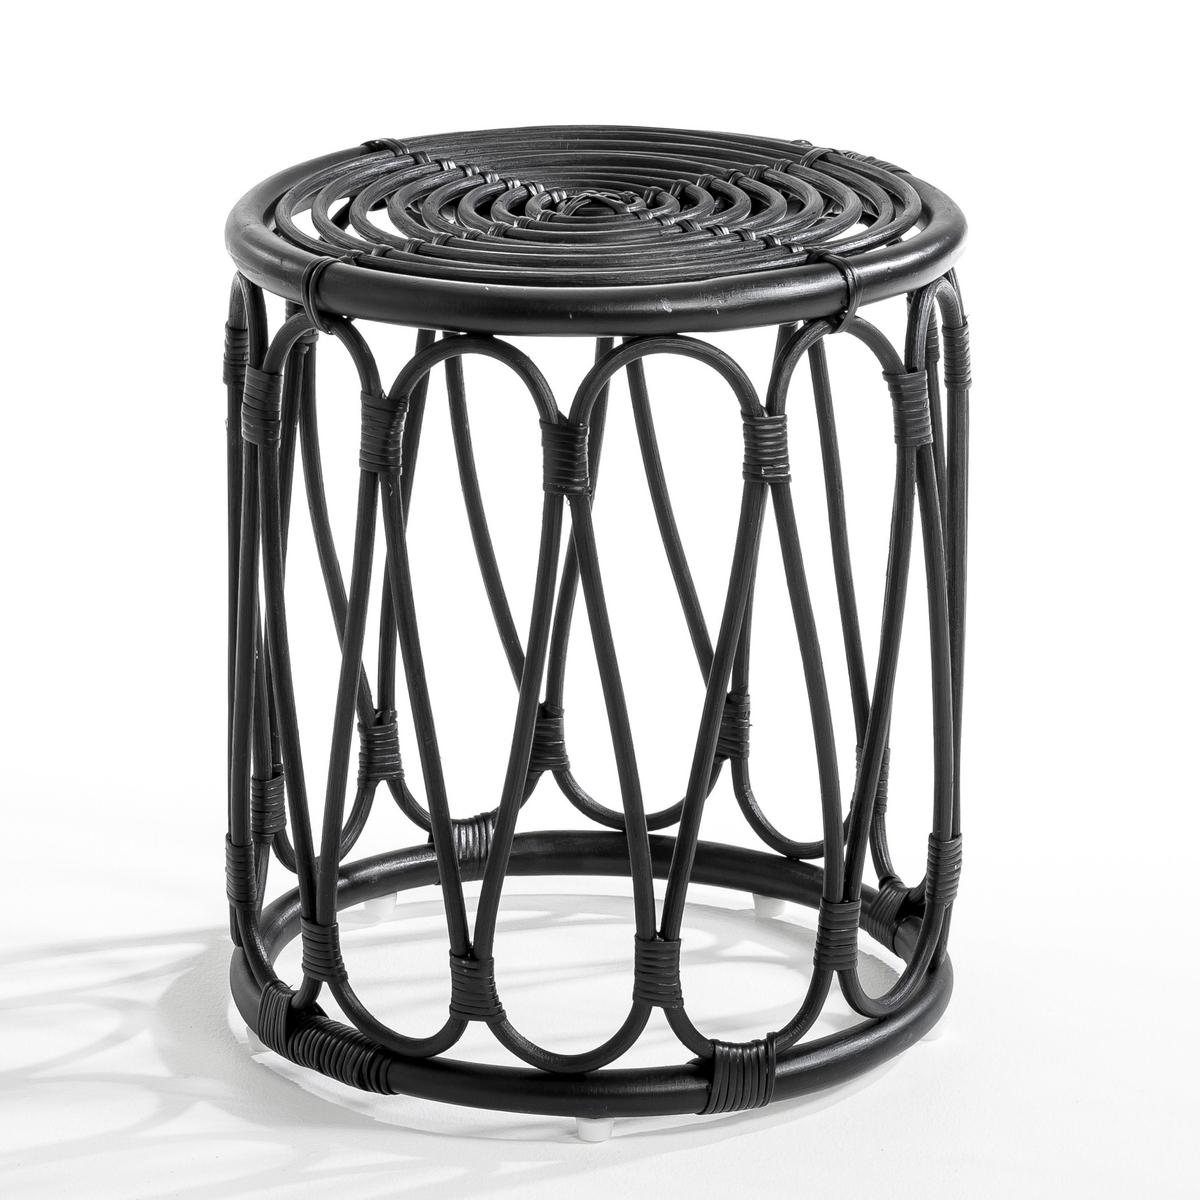 Столик диванный MevenСтолик диванный из ротанга. Диаметр 37 см .Высота 42 см.<br><br>Цвет: черный<br>Размер: единый размер